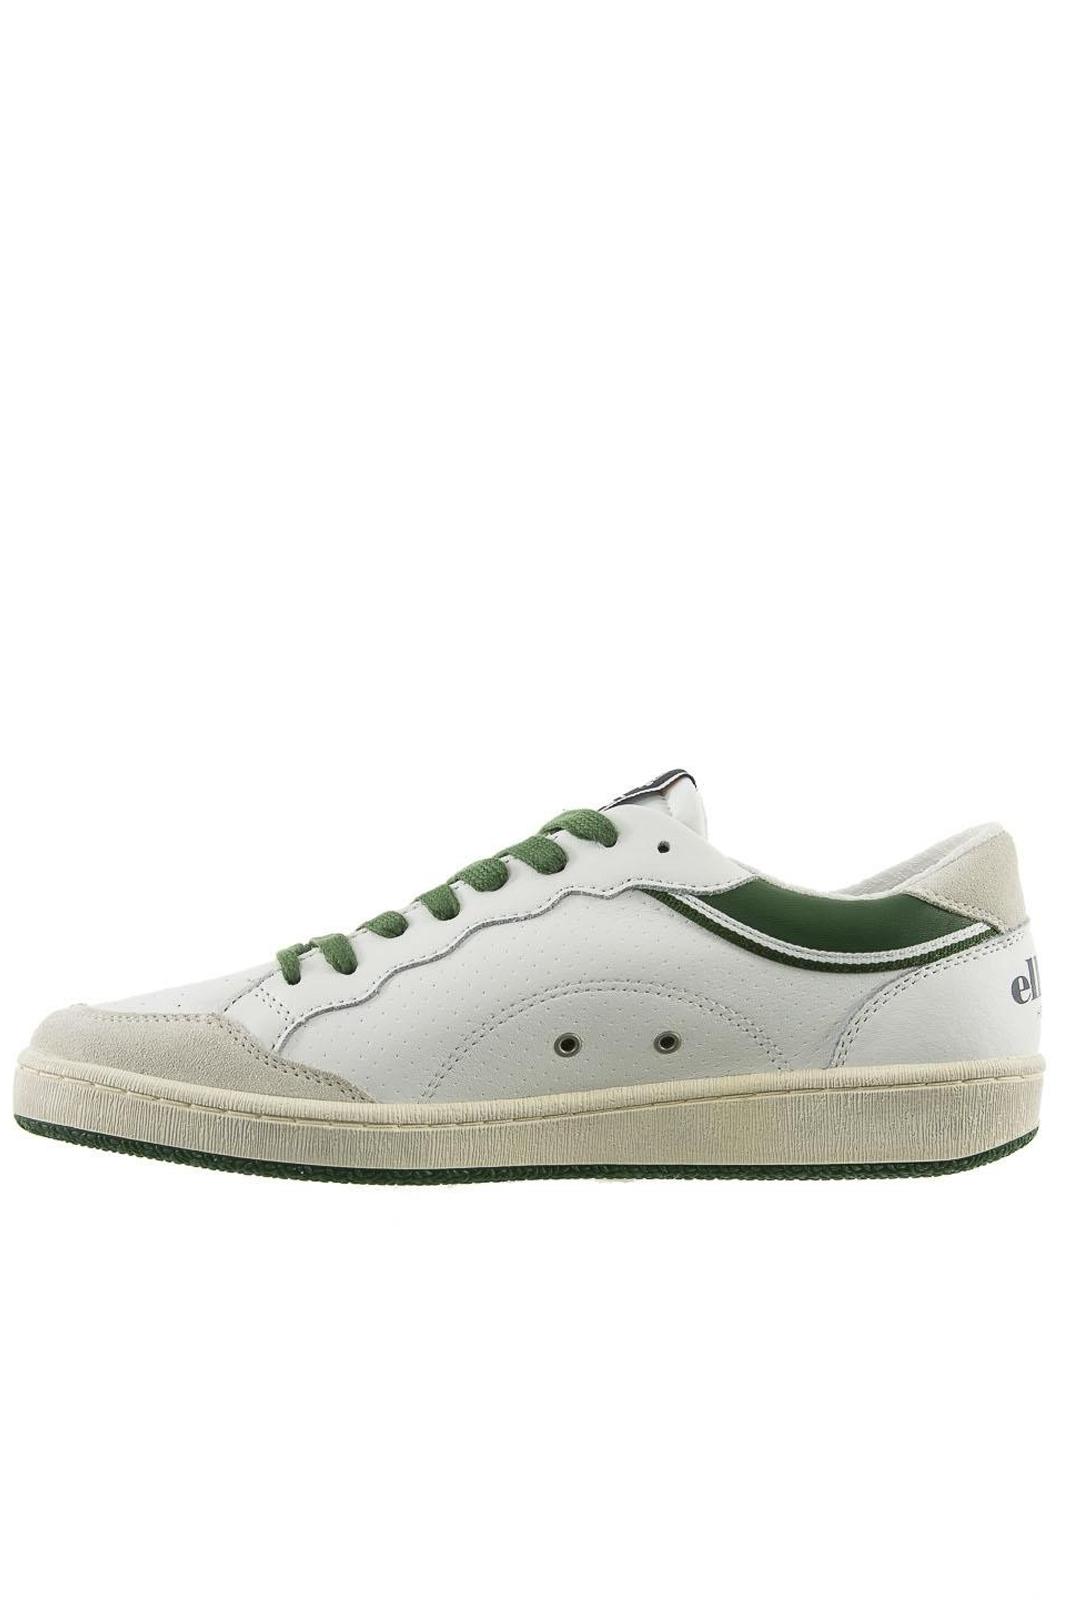 Baskets / Sport  Ellesse EL91503 H 03 WHITE GREEN